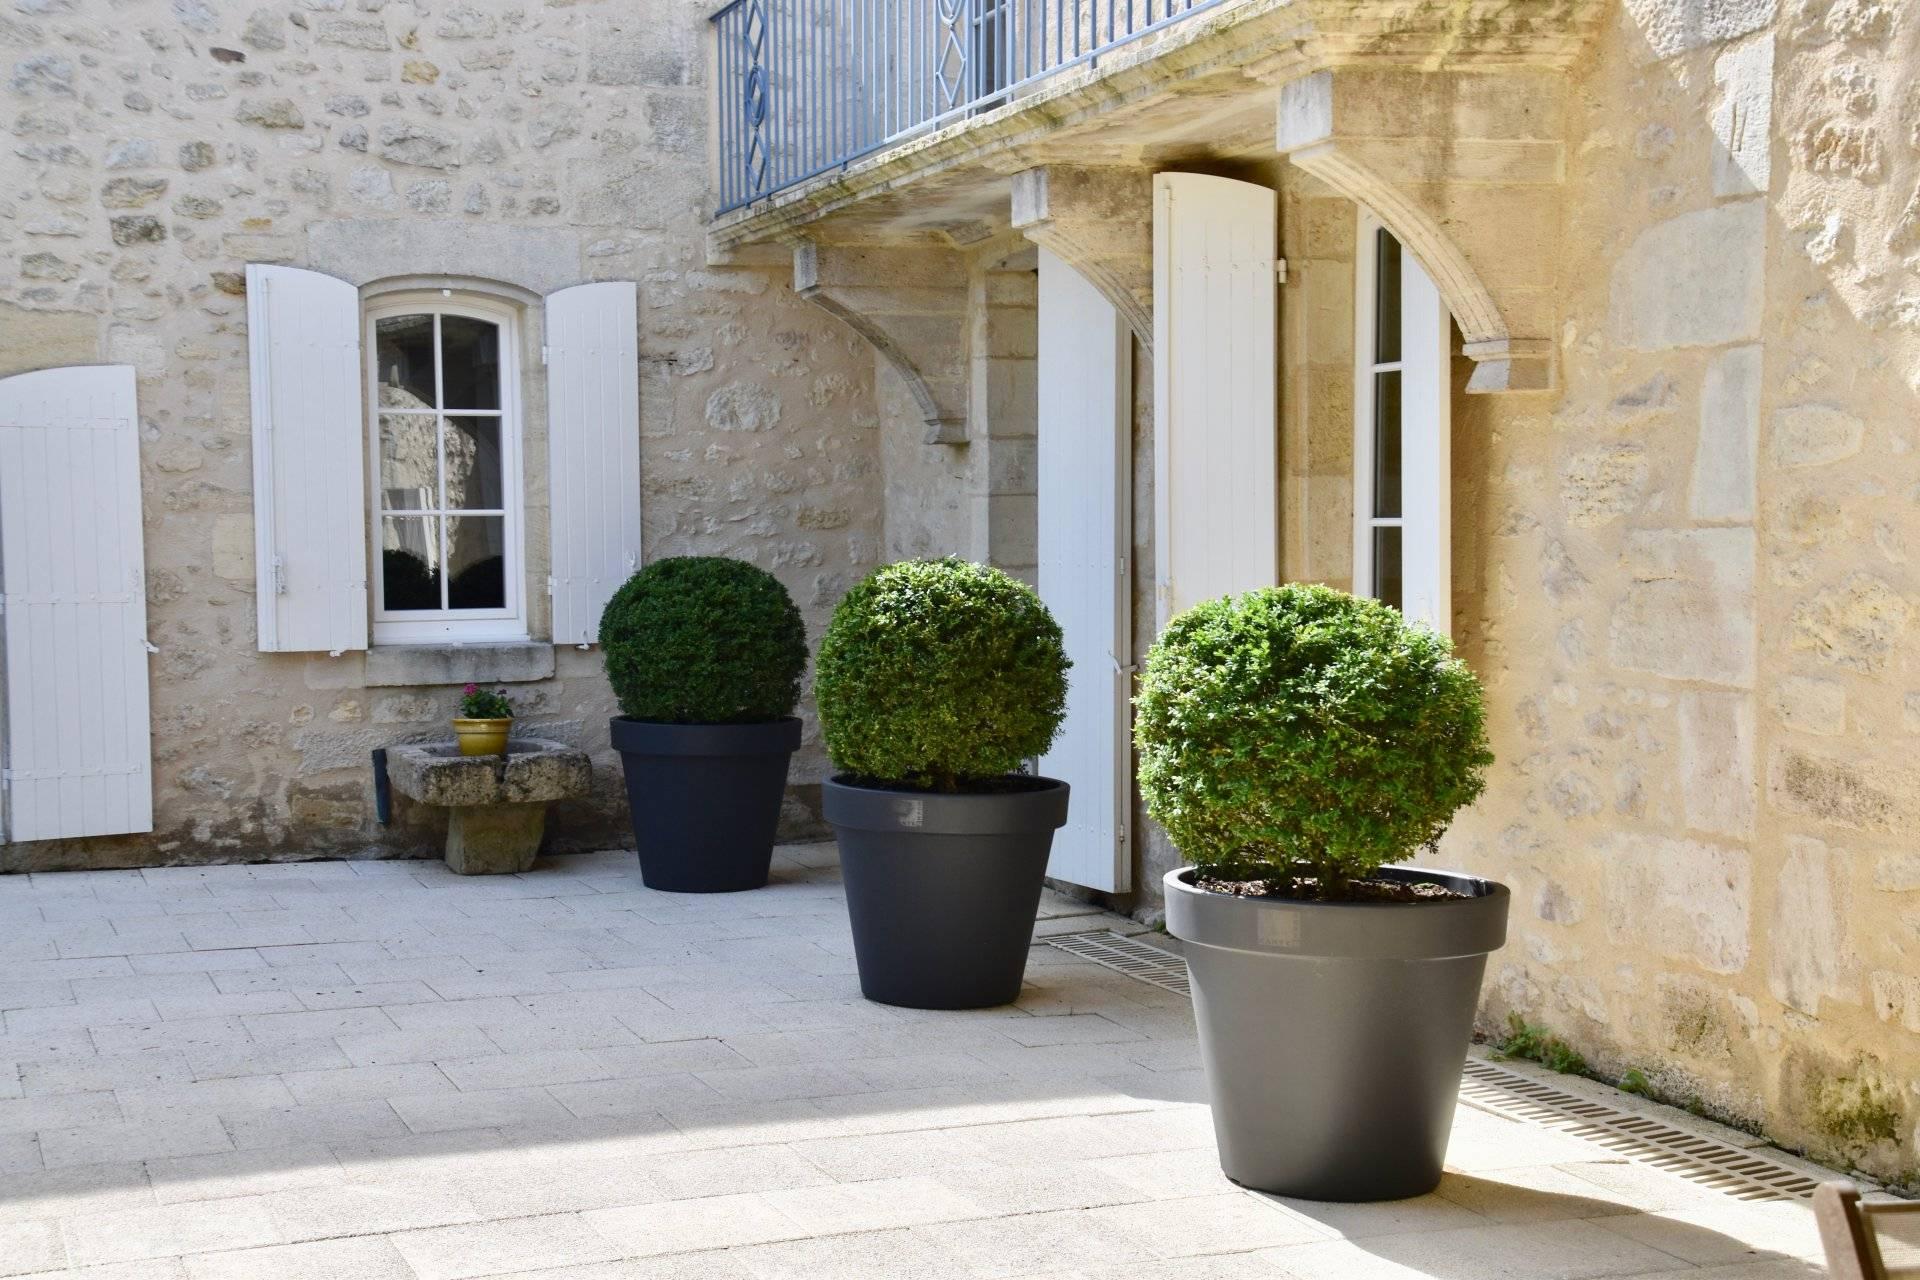 Belle maison de ville vendre proche bordeaux et saint emilion coldwell banker - Belles maisons bordeaux ...